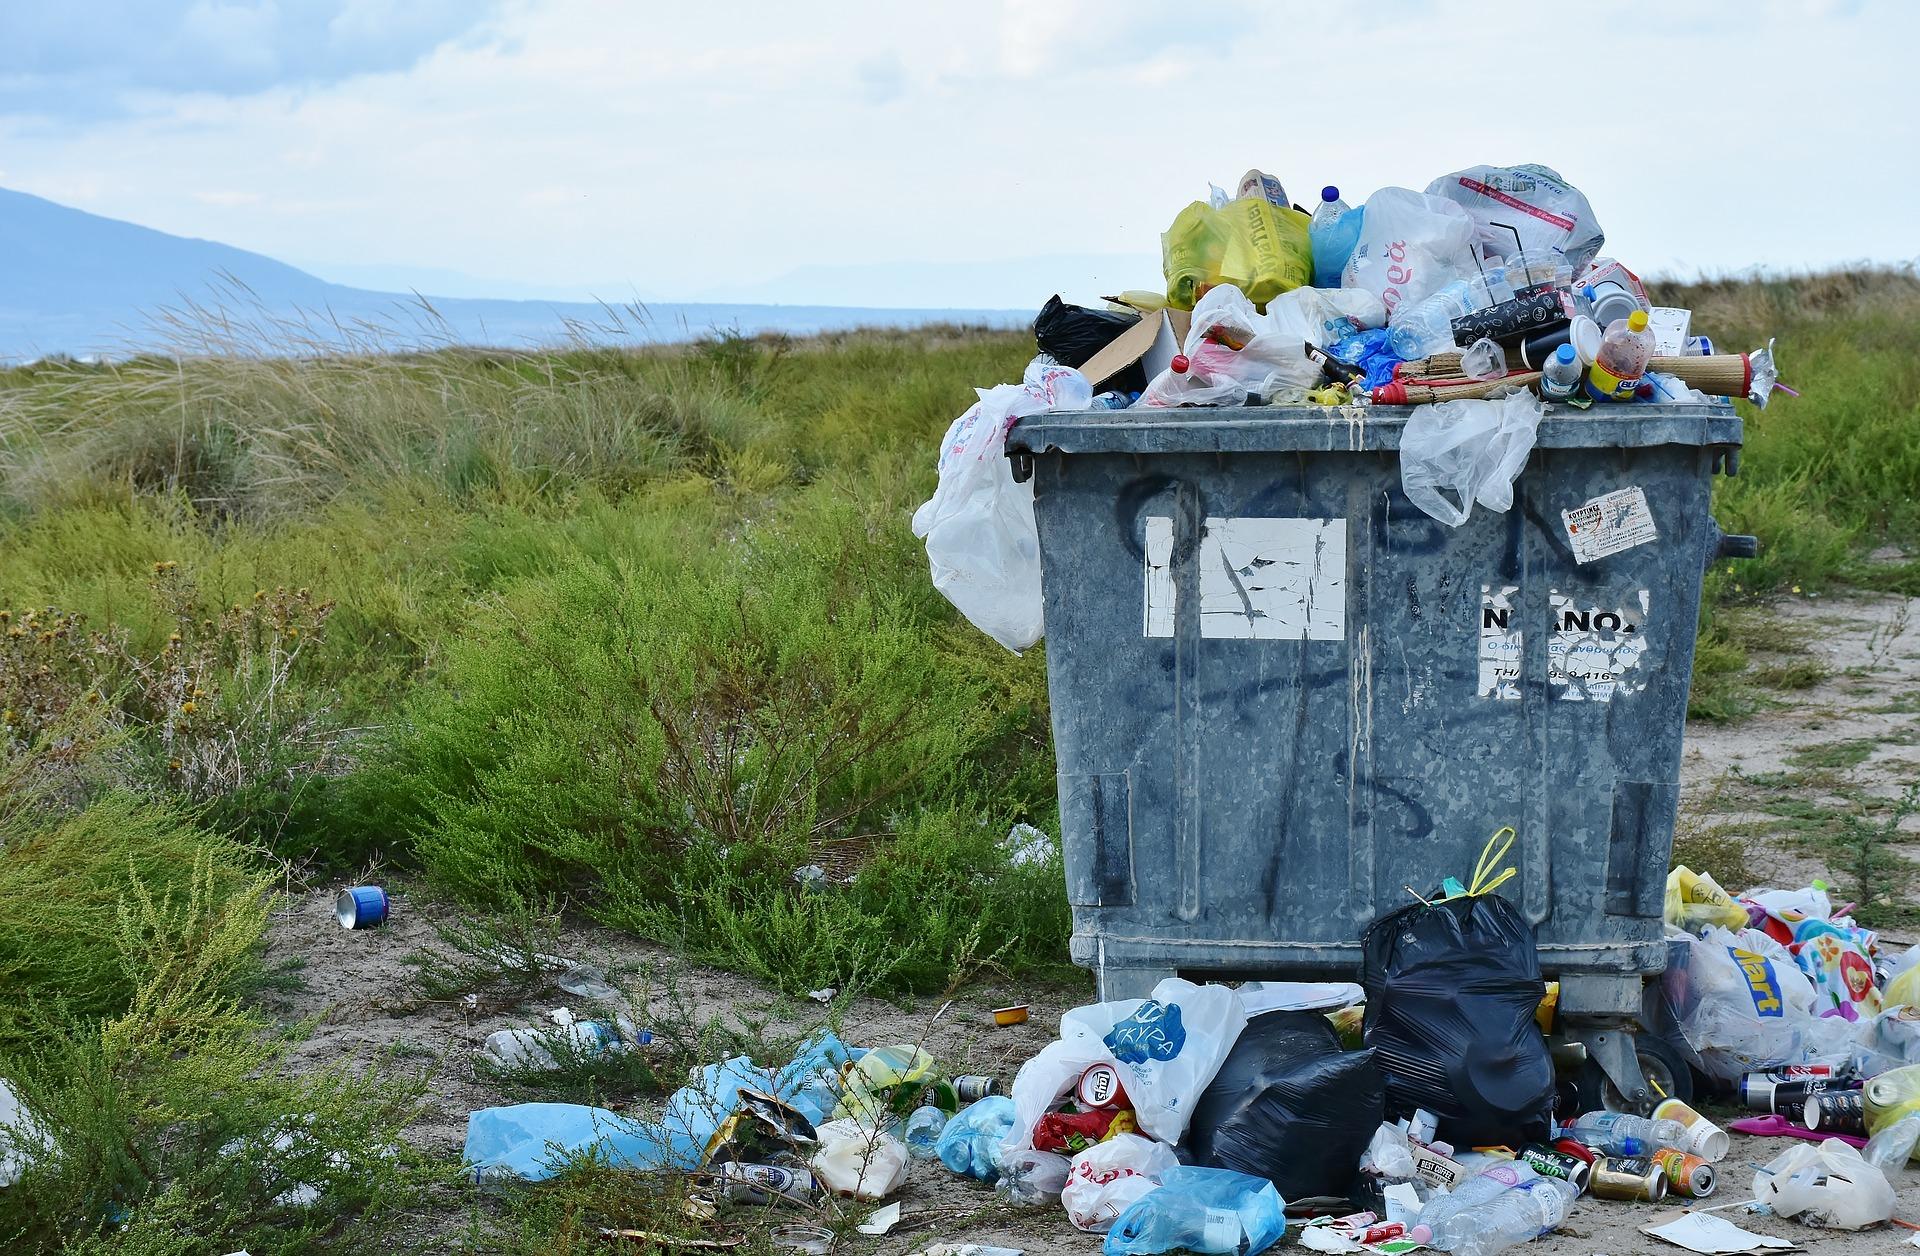 4958 garbage 2729608 1920 (1)